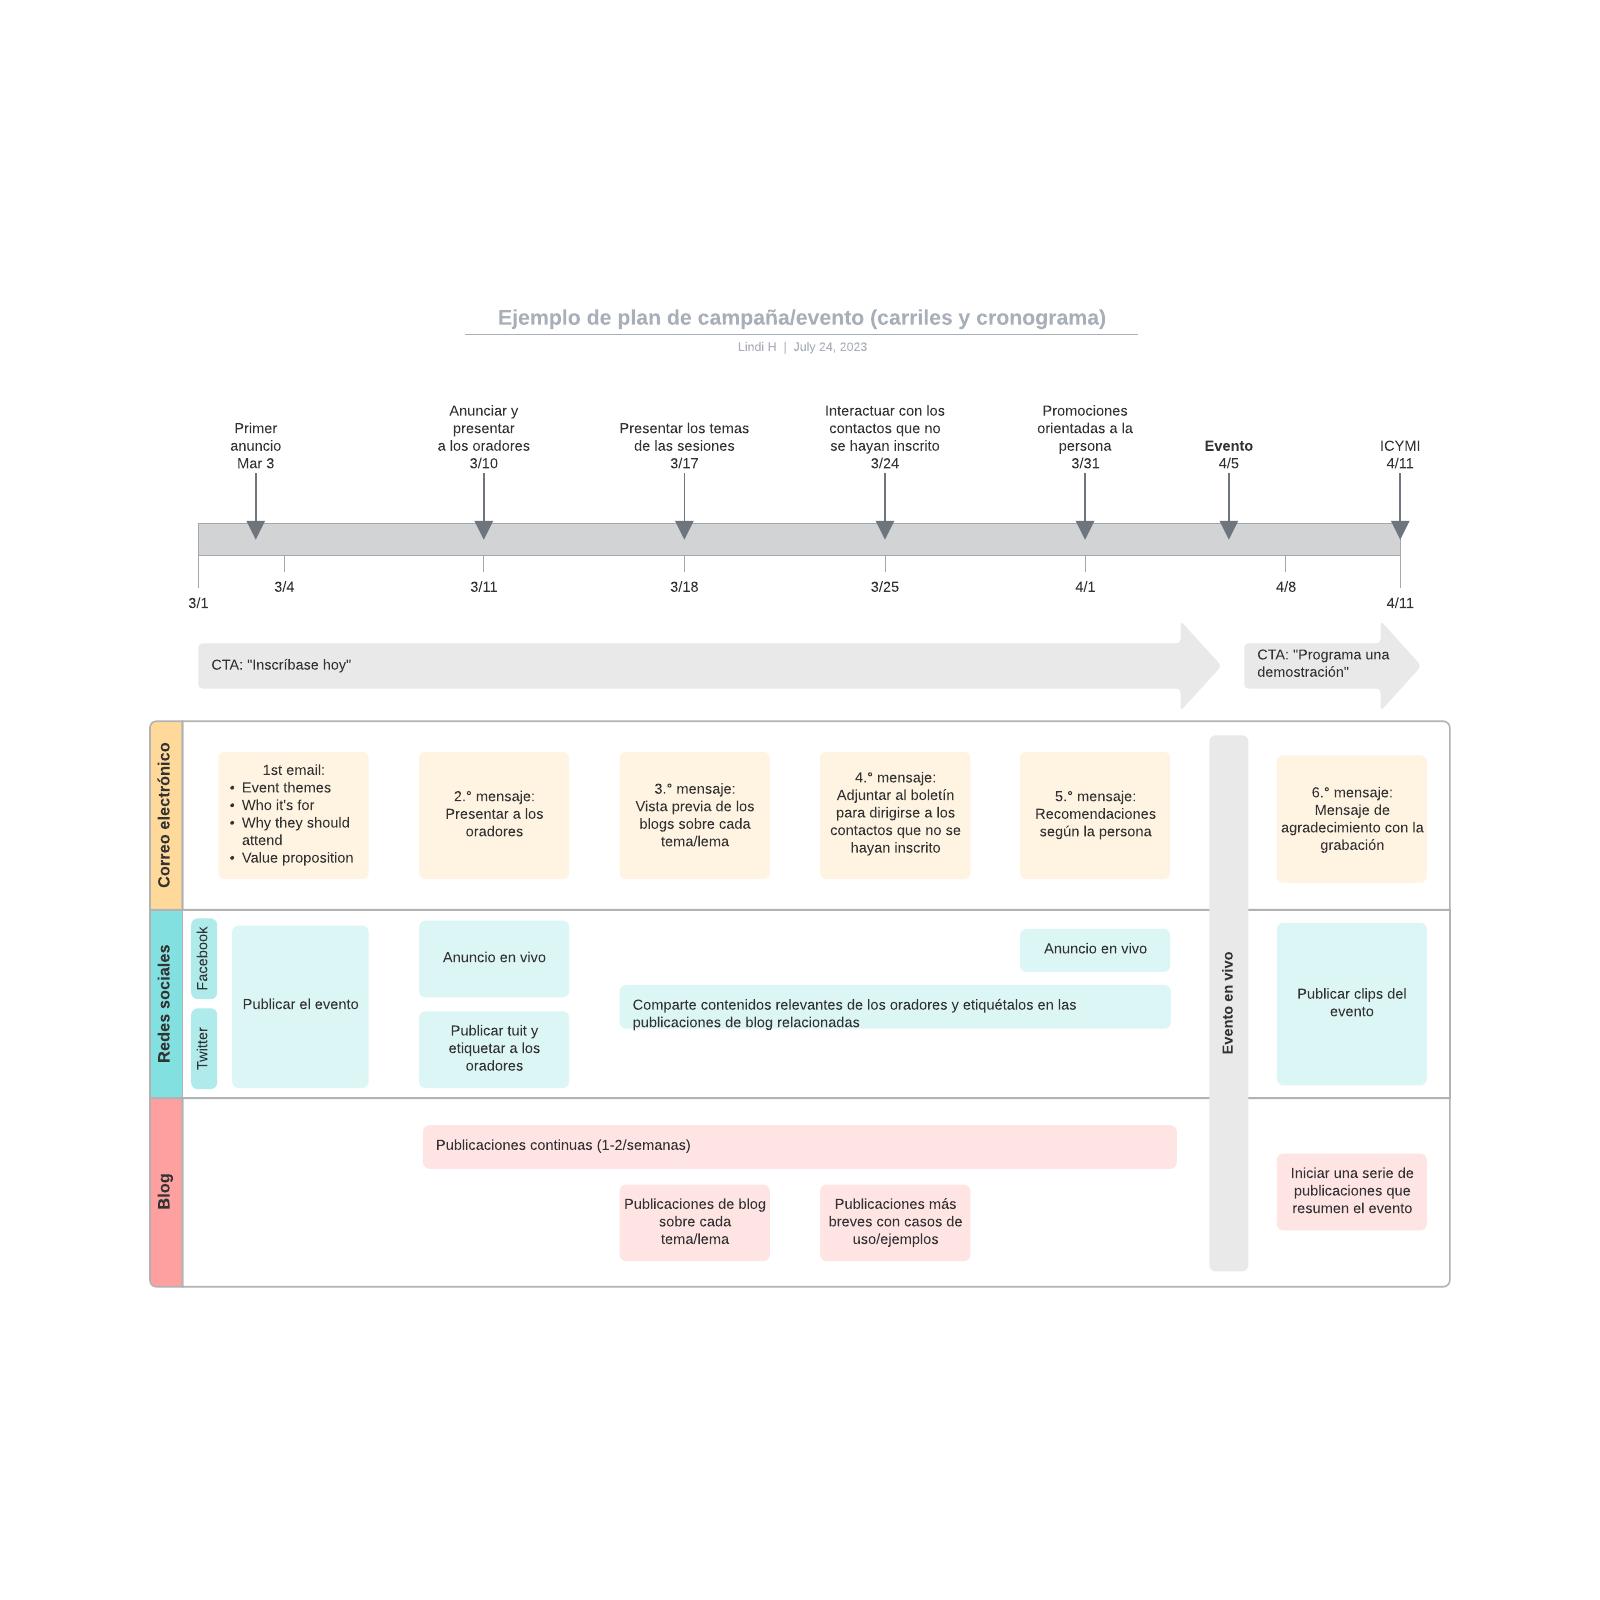 Ejemplo de plan de campaña/evento (carriles y cronograma)